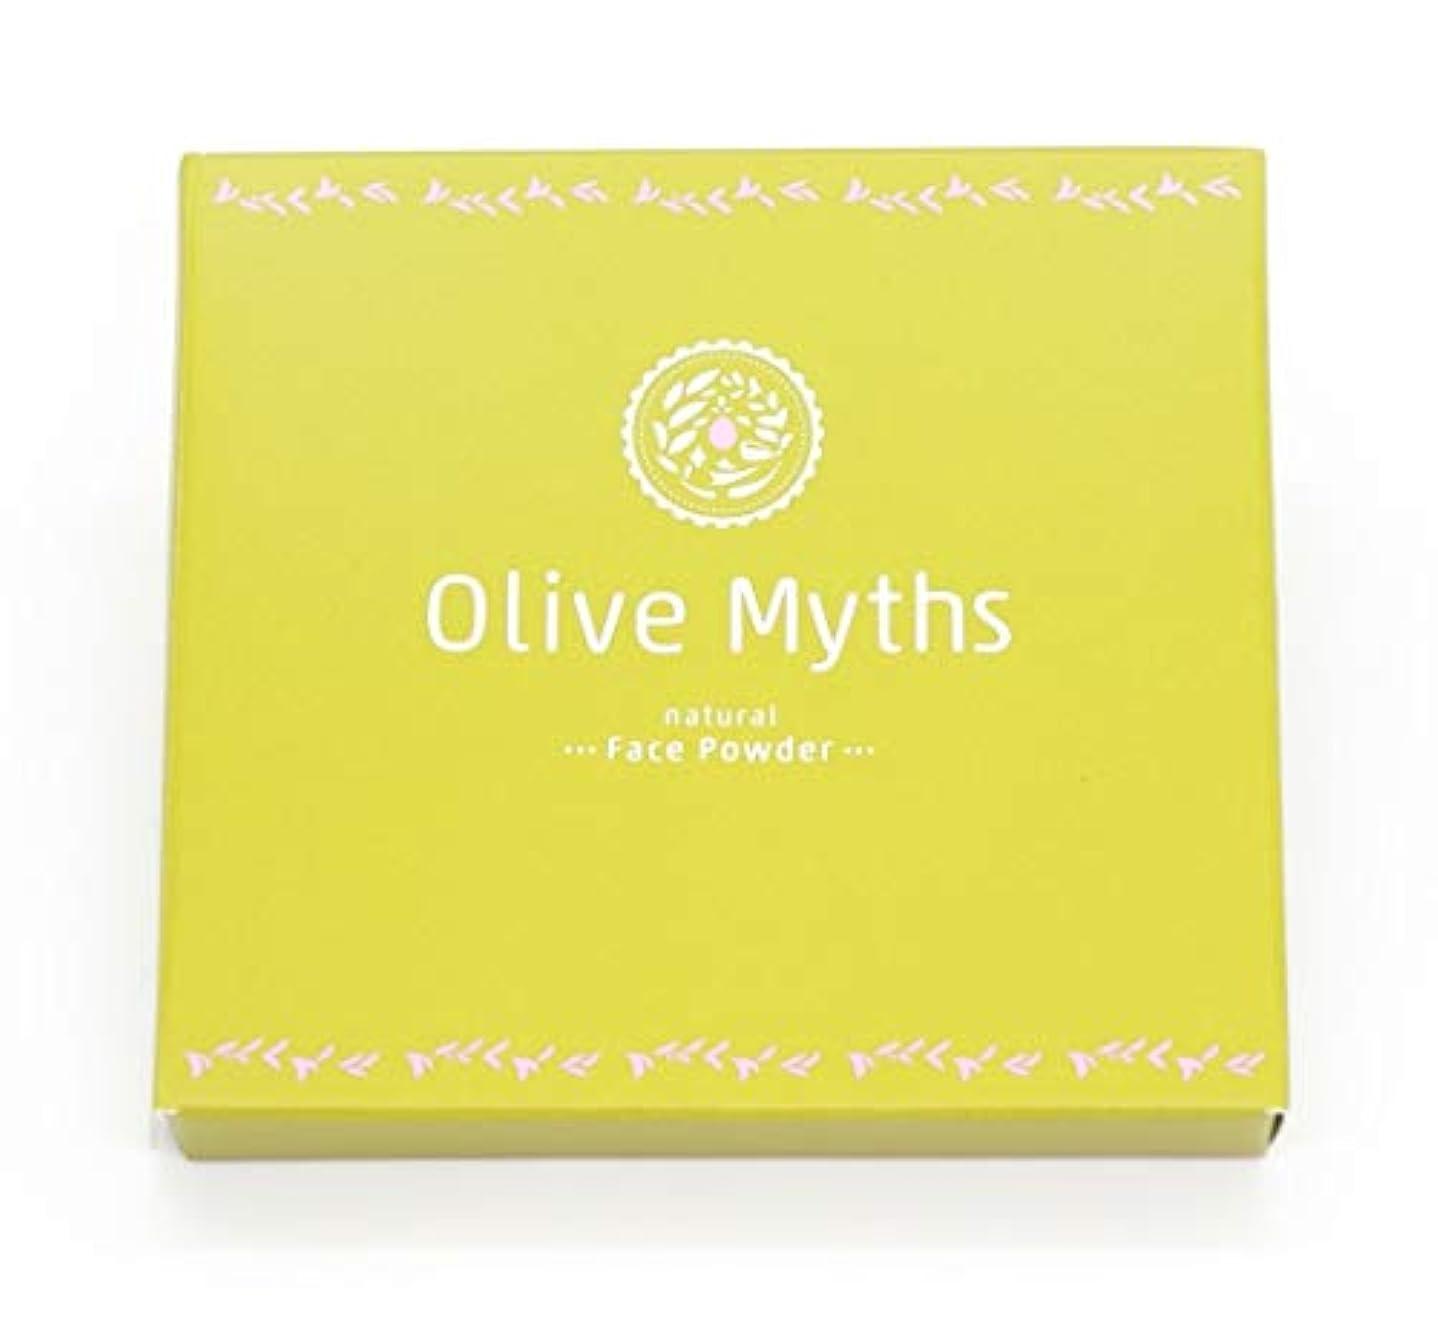 印象派者想像力maestria. OliveMyths 『Myths ナチュラルパウダーファンデーション(サンカット)』 レフィル11g